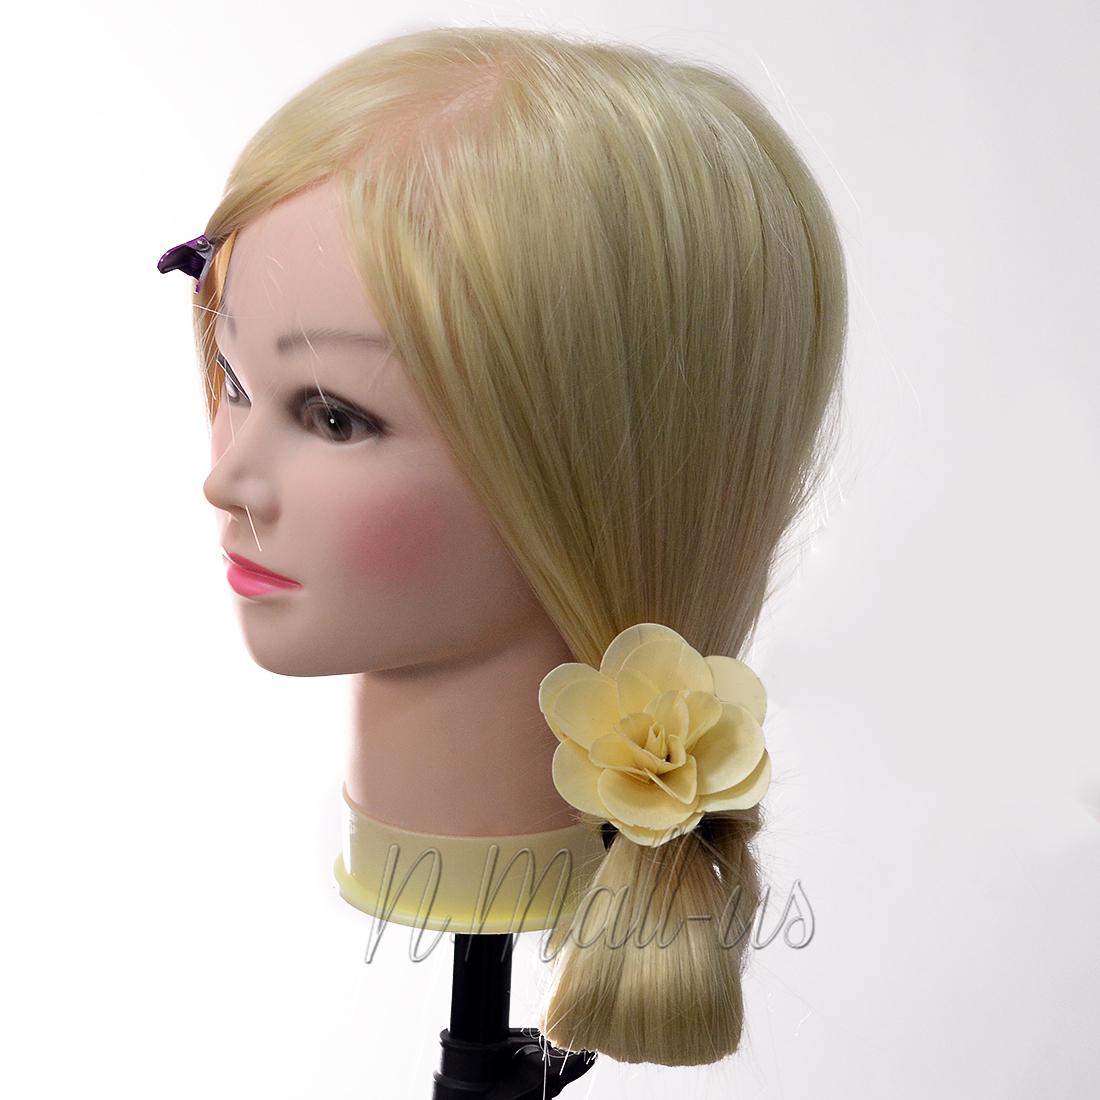 """Neu 40% Echthaar 26"""" 66cm Haarlänge Friseursalon"""